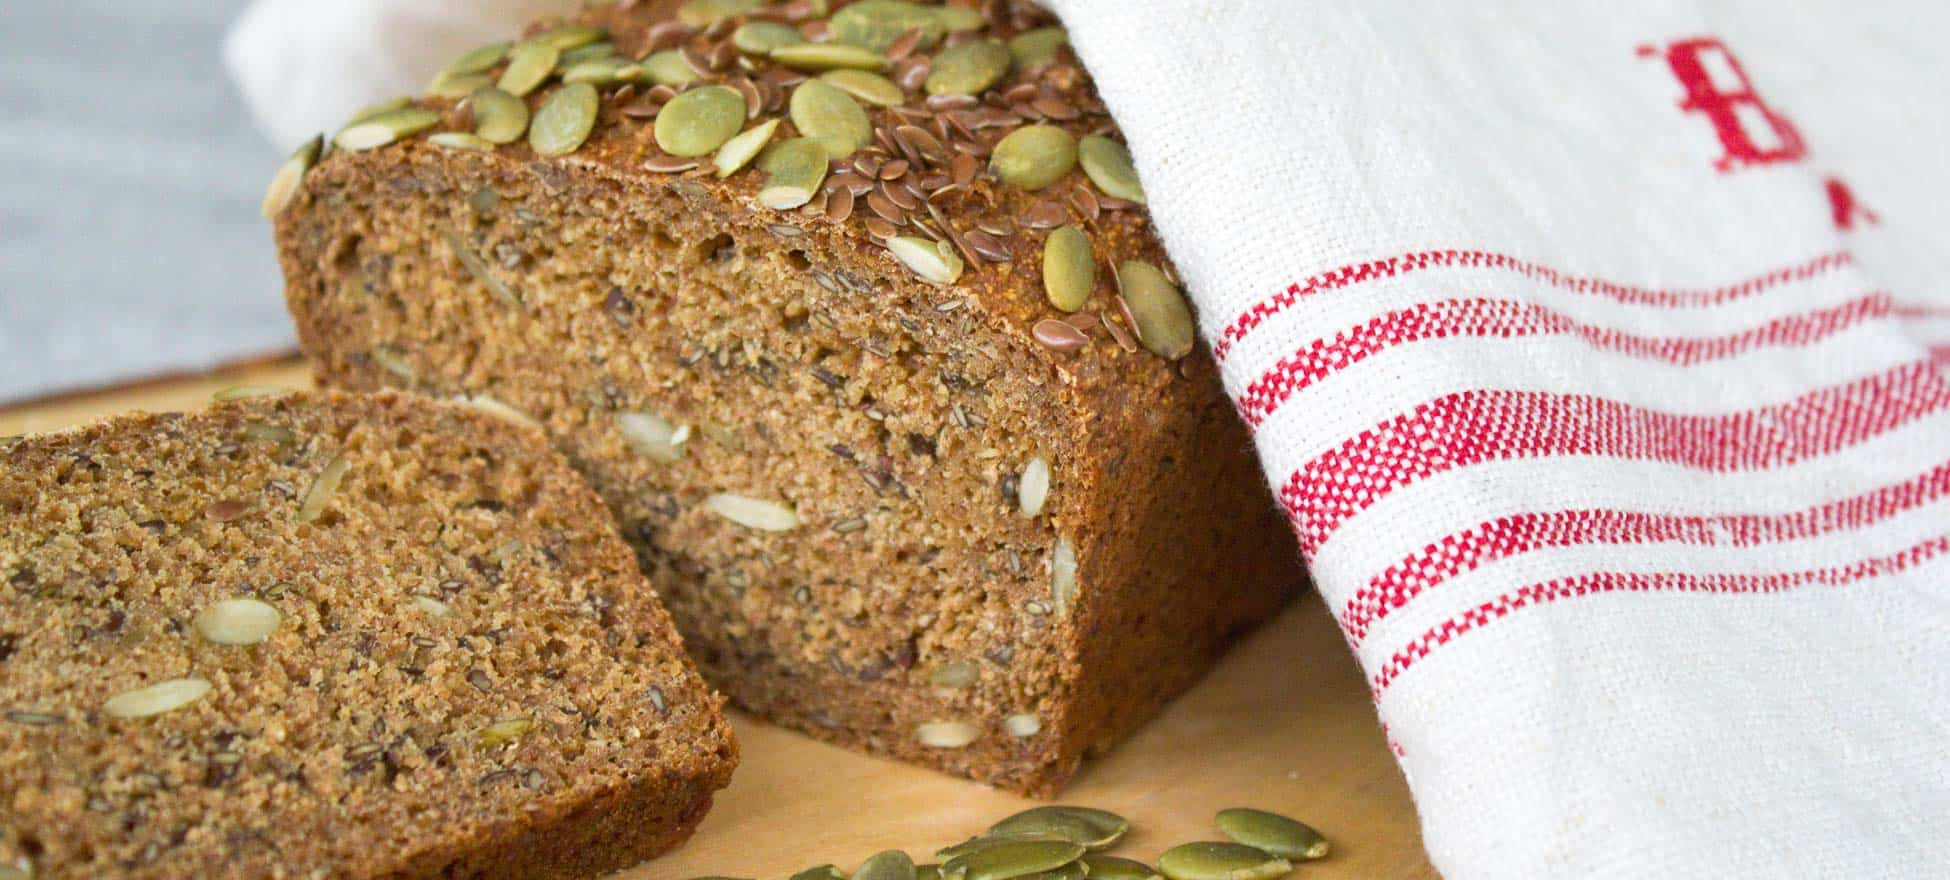 Snel, gezond en bovenal overheerlijk brood